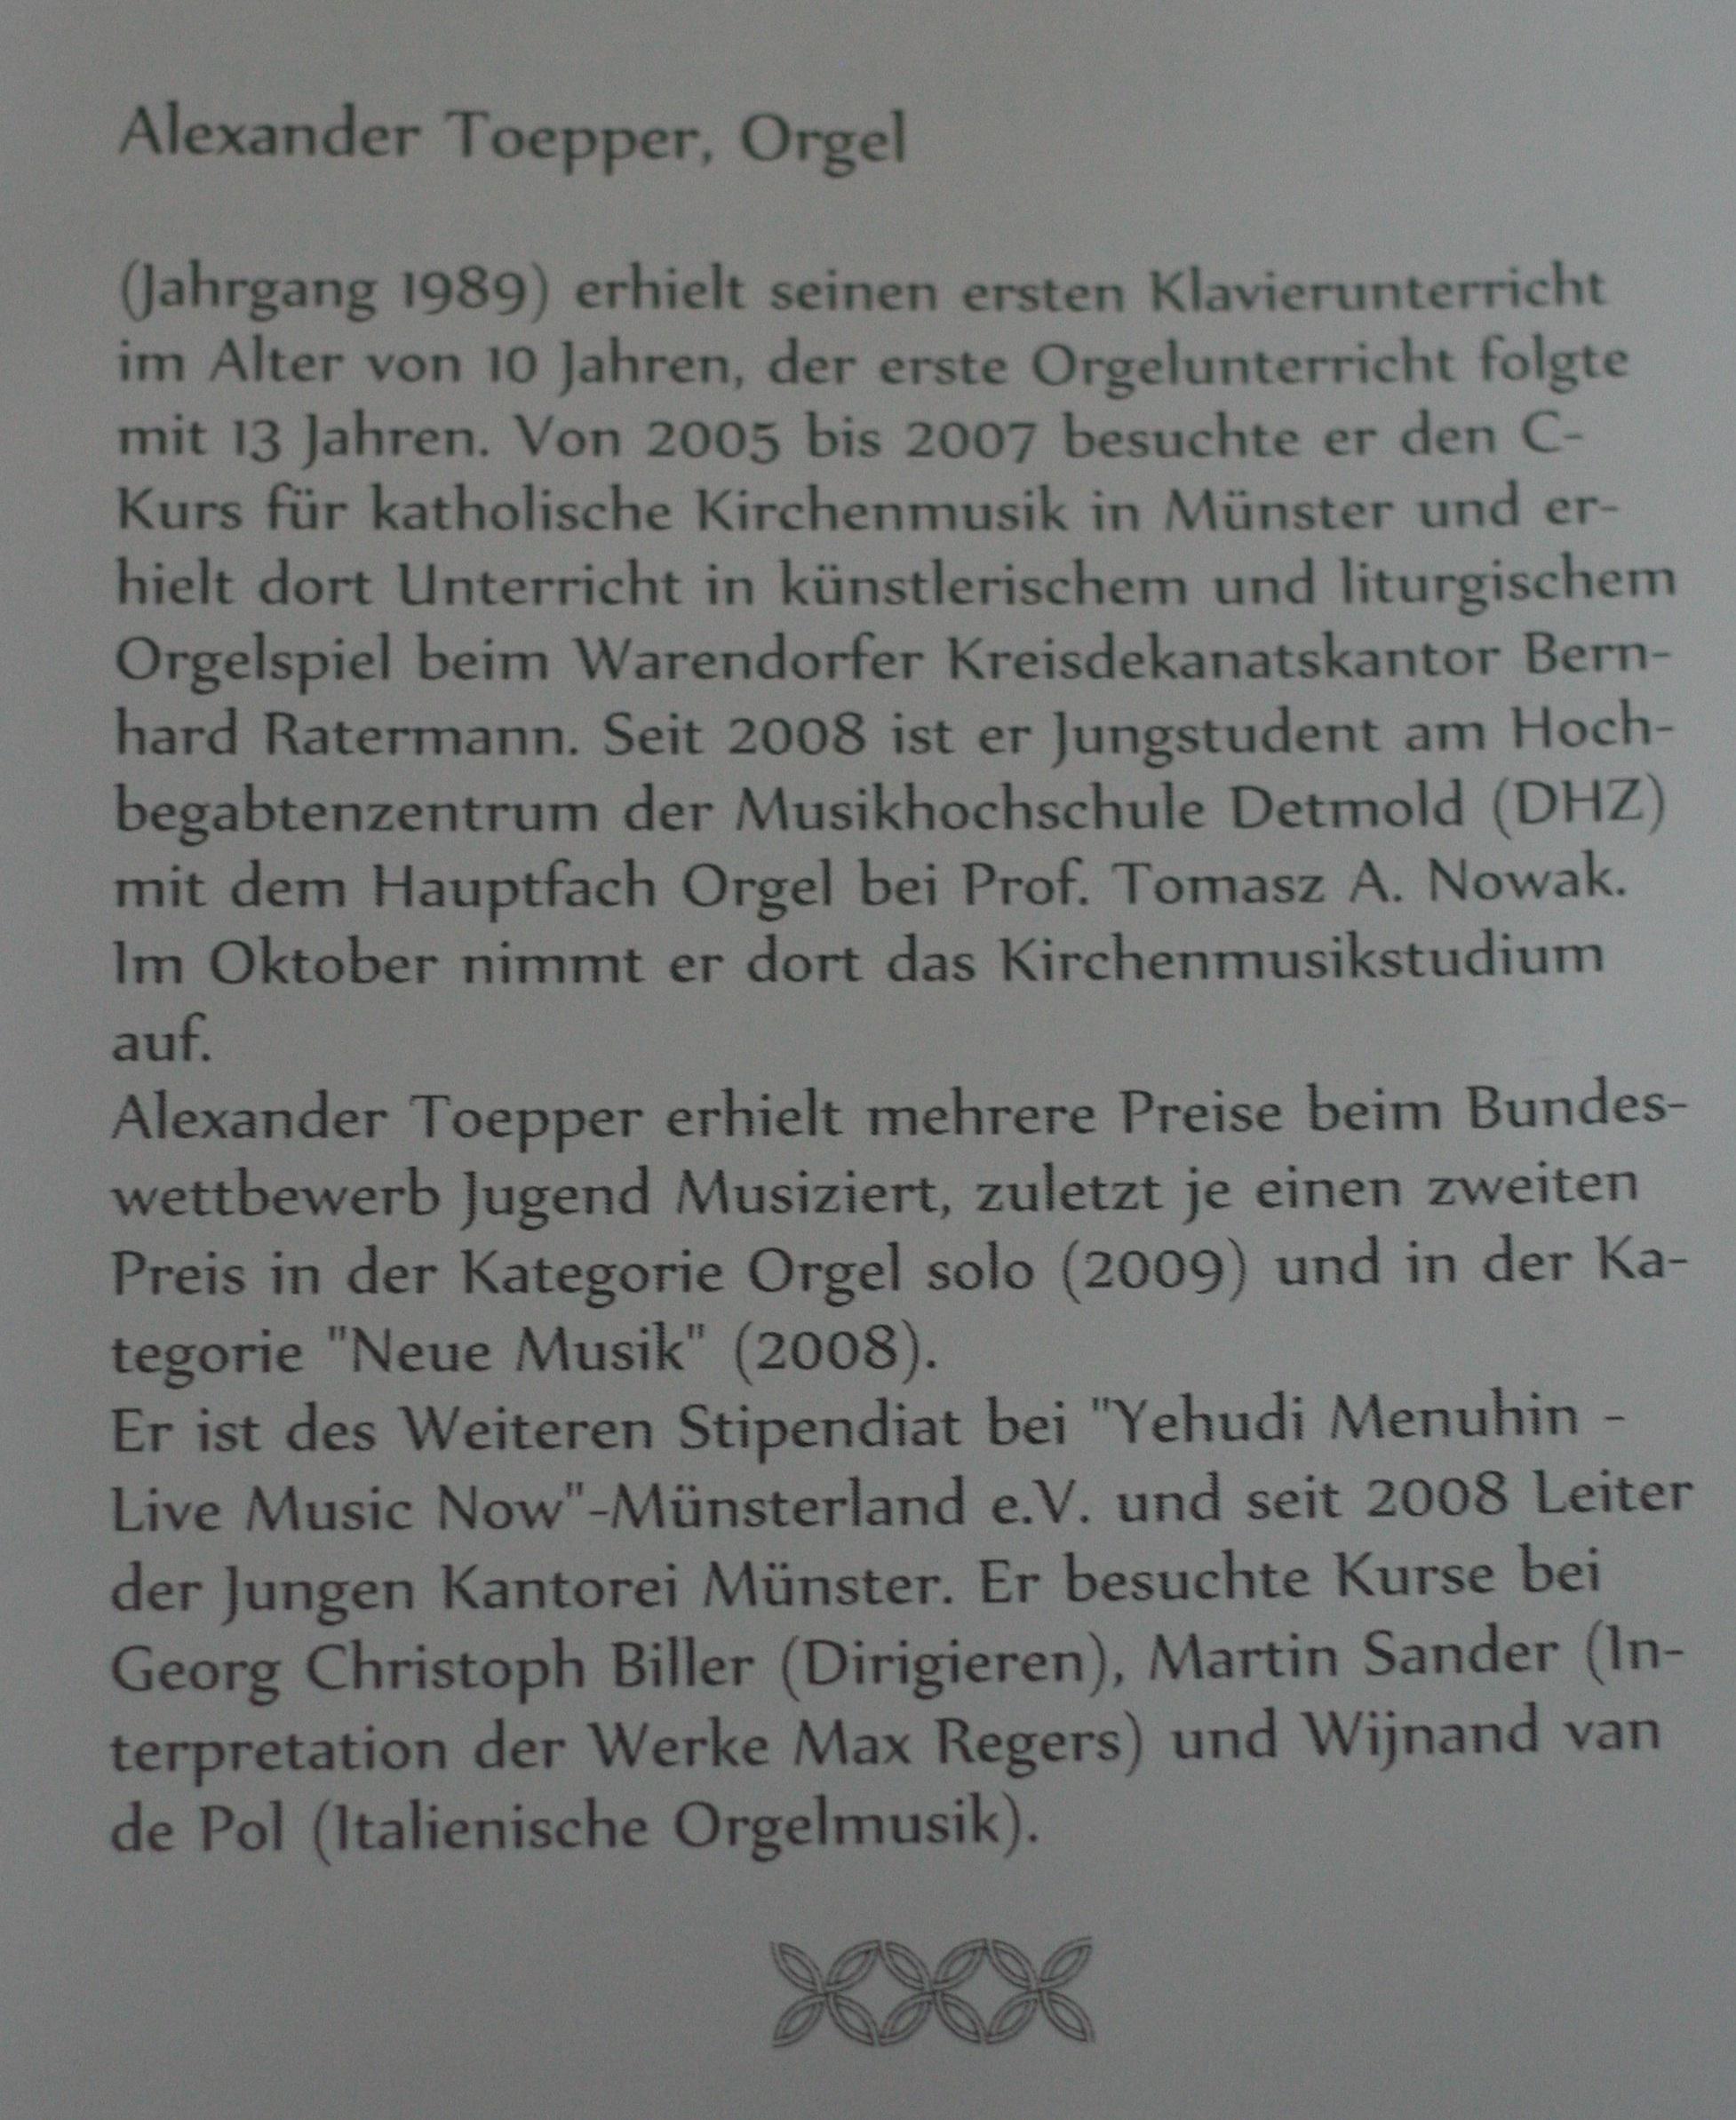 Werdegang von Alexander Töpper